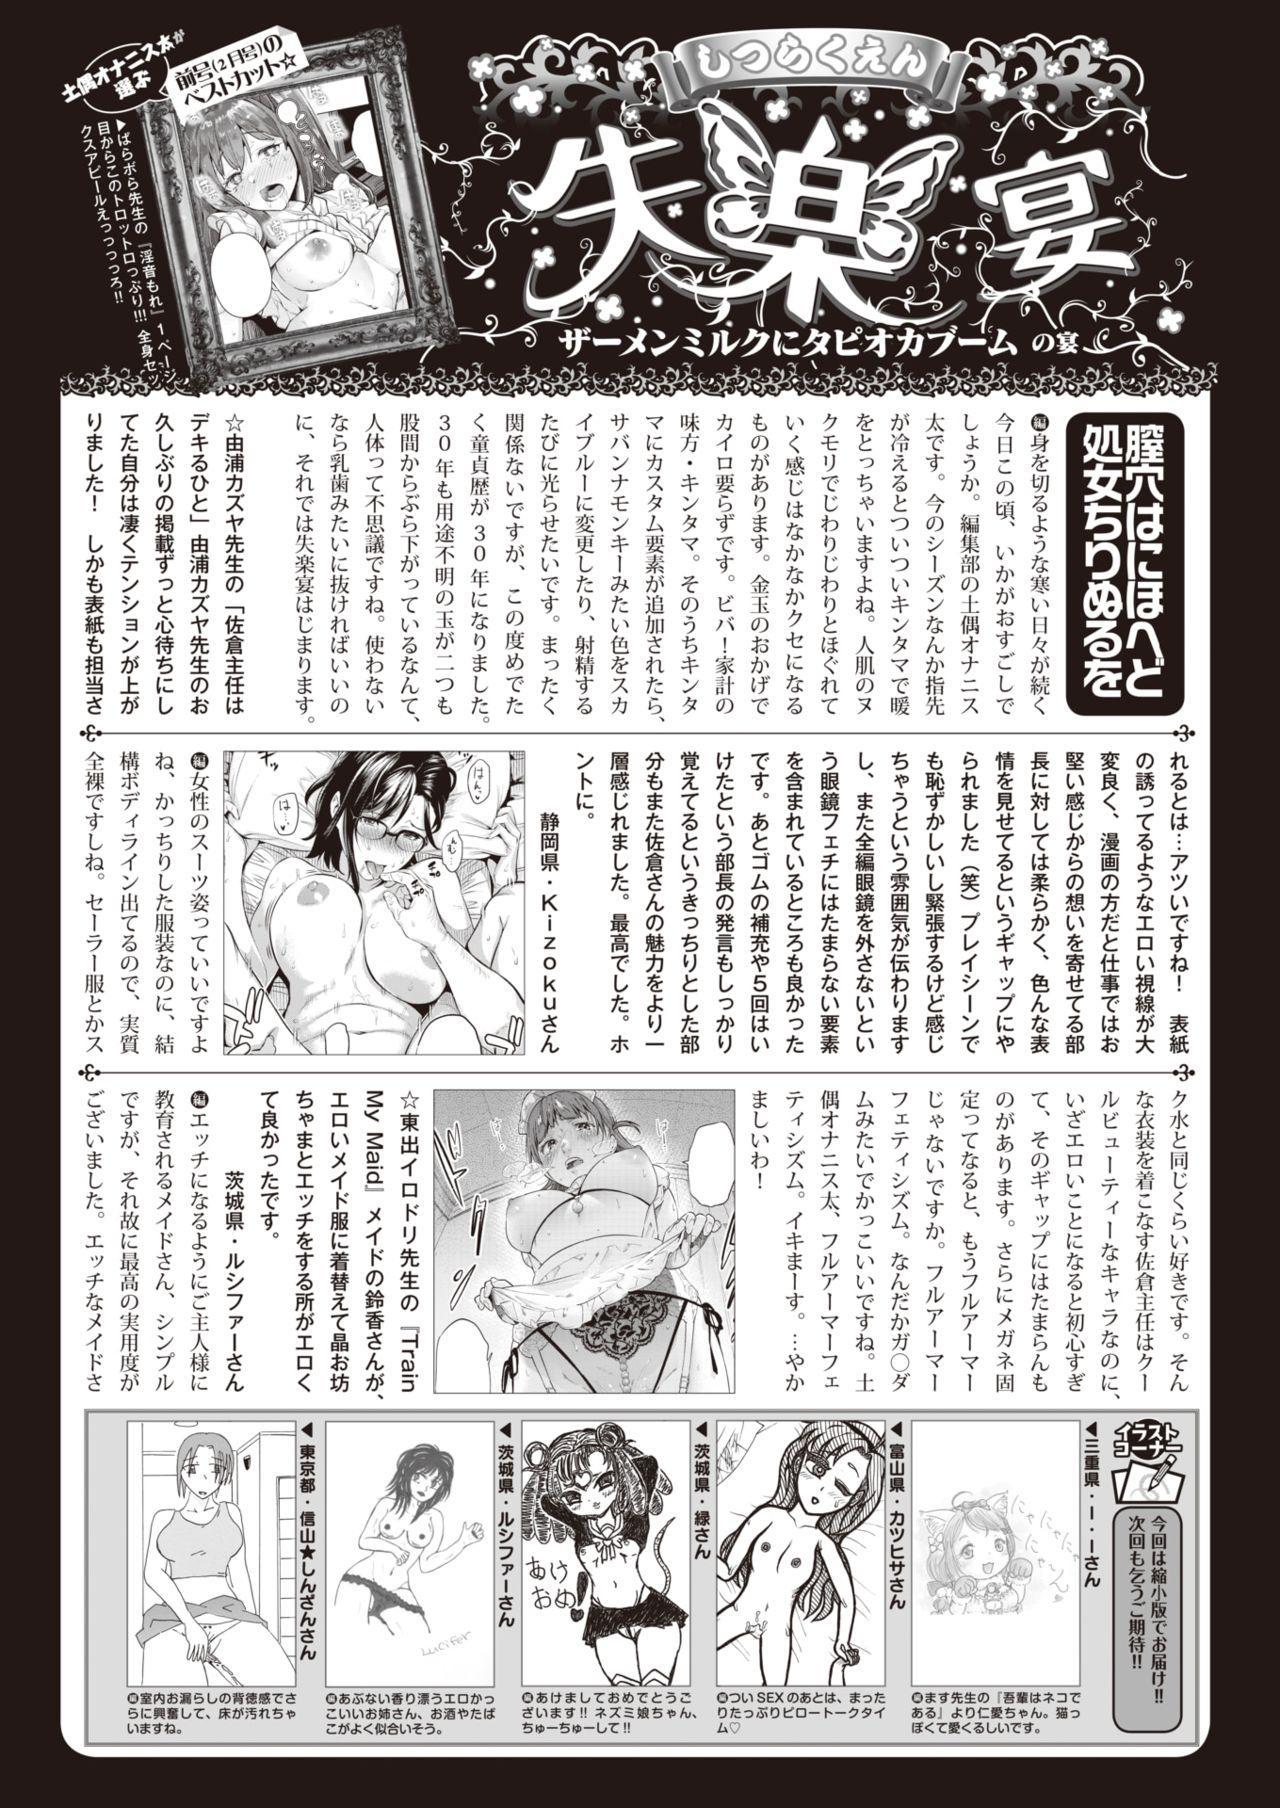 COMIC Shitsurakuten 2020-04 332